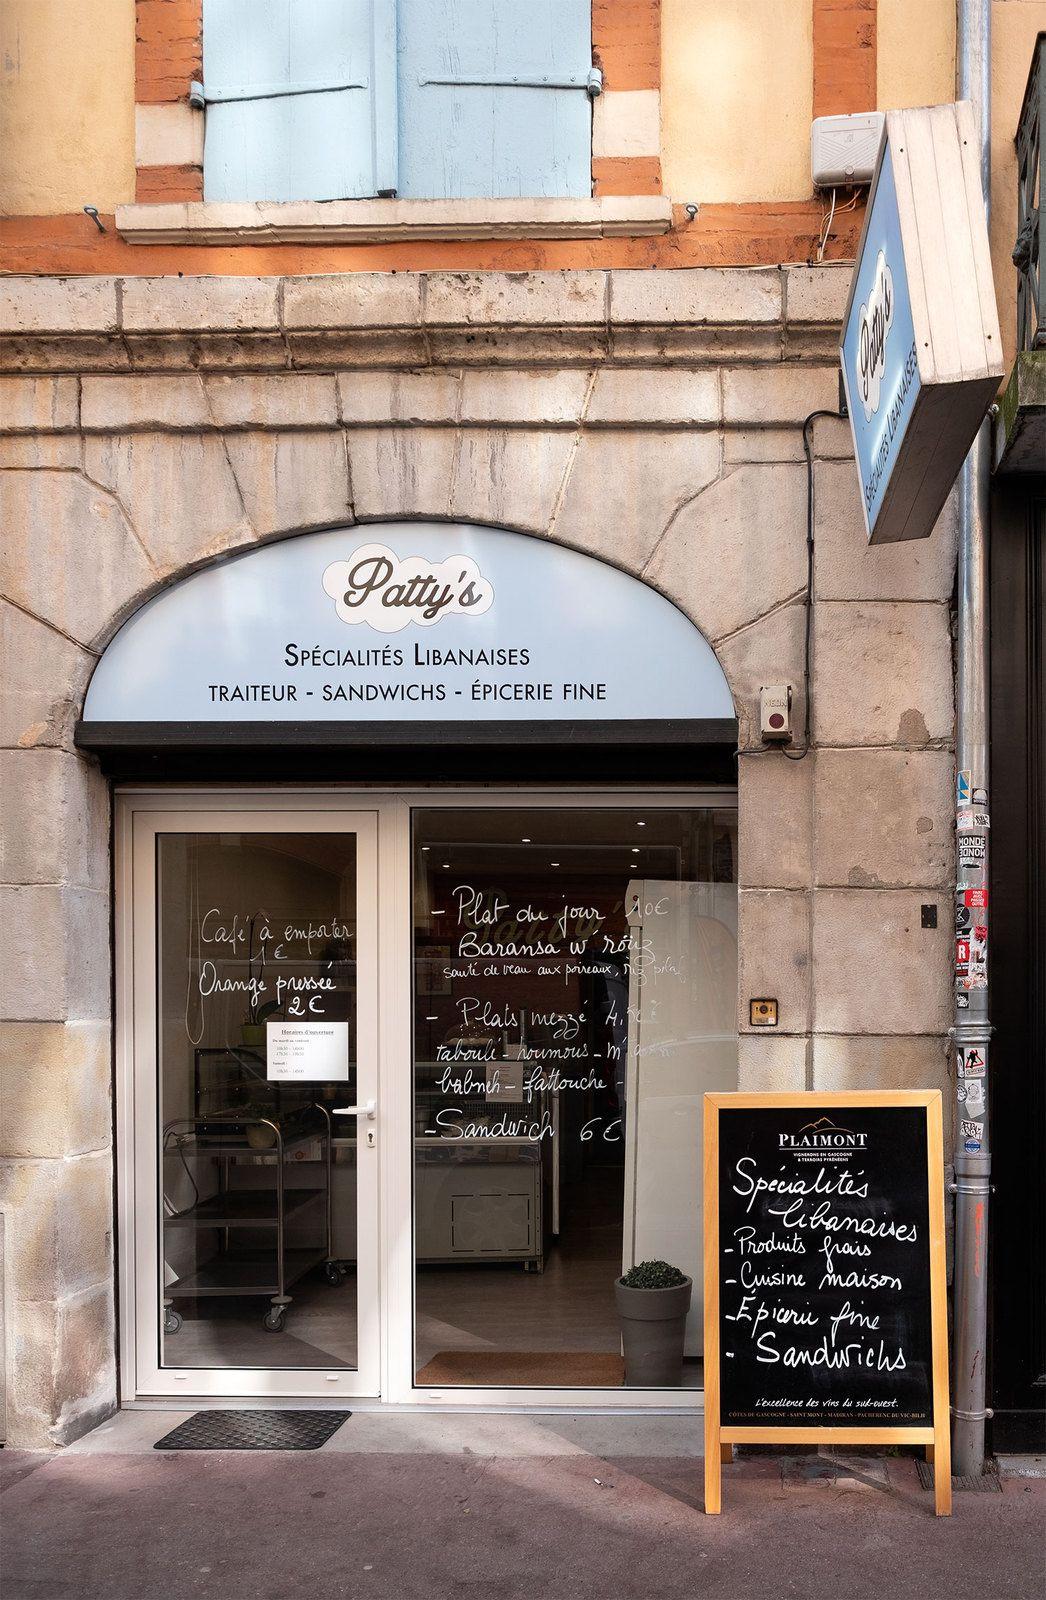 La boutique Patty's pour les initiés toulousains ou pas... rue pharaon